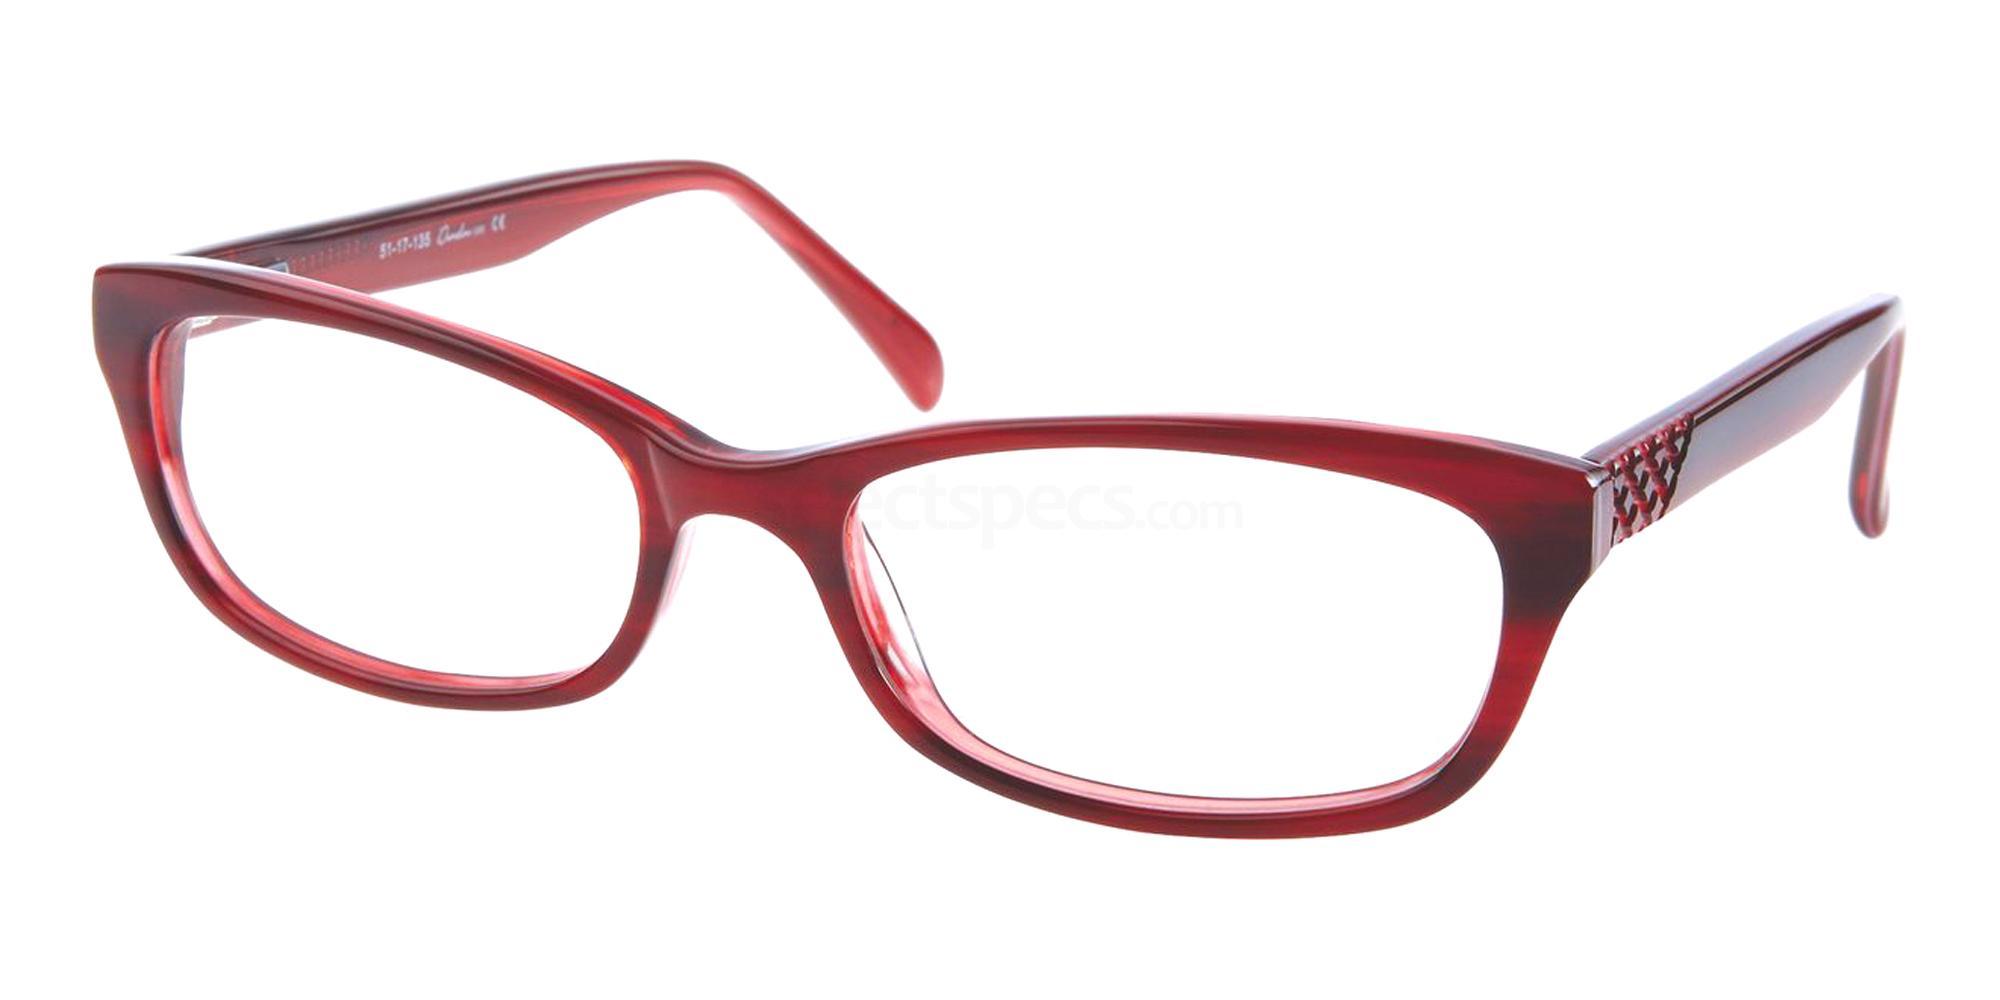 C3 Virginia Glasses, Universal